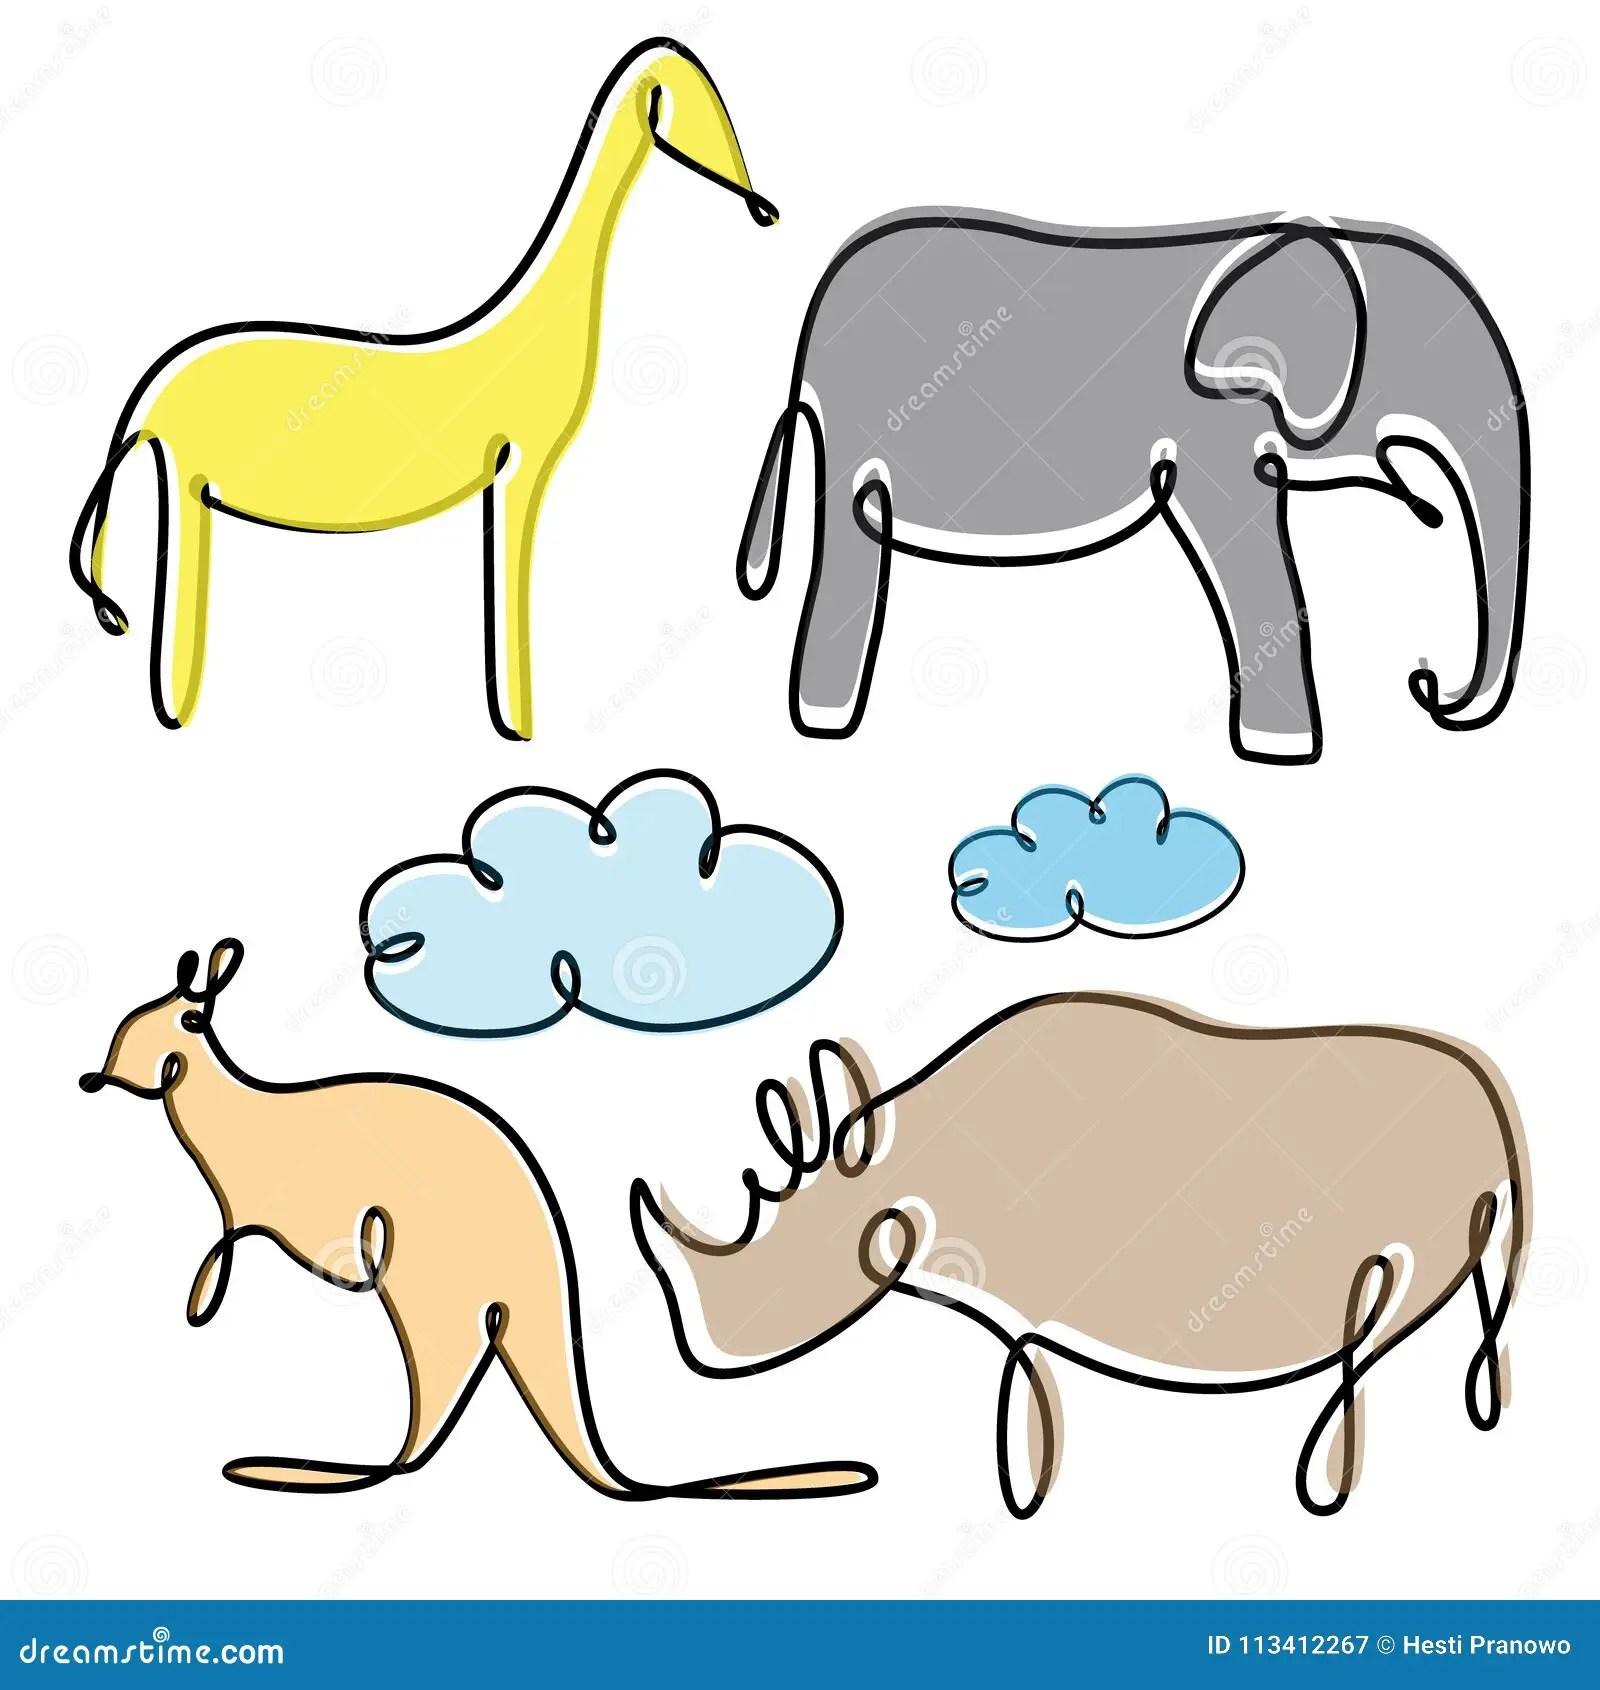 Silhouette Rhino Sketch Vector Cartoon Vector